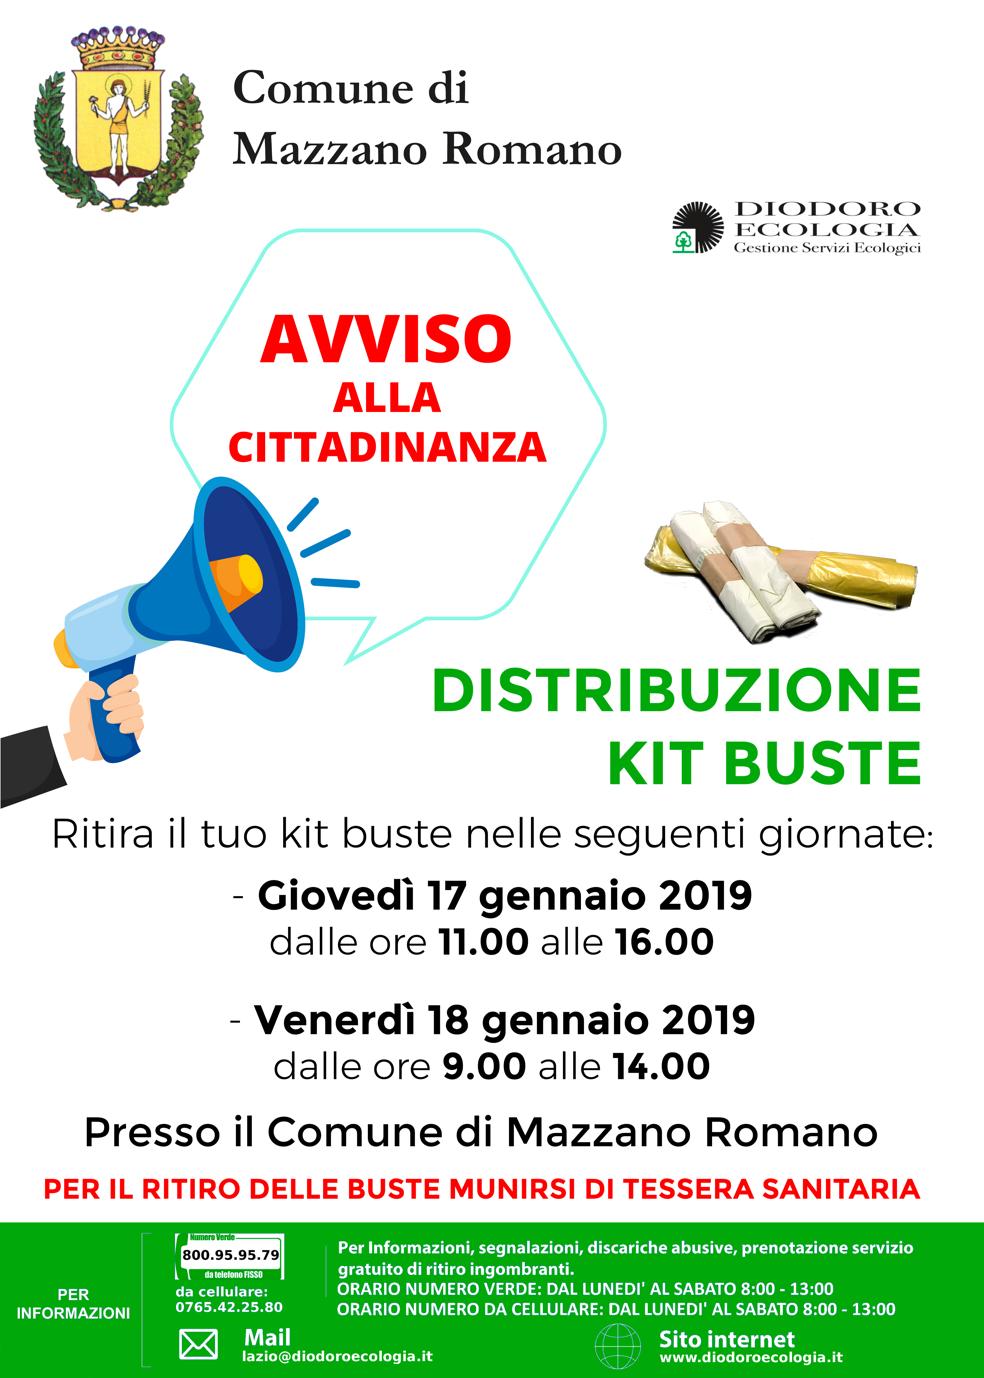 Distribuzione buste Mazzano Romano